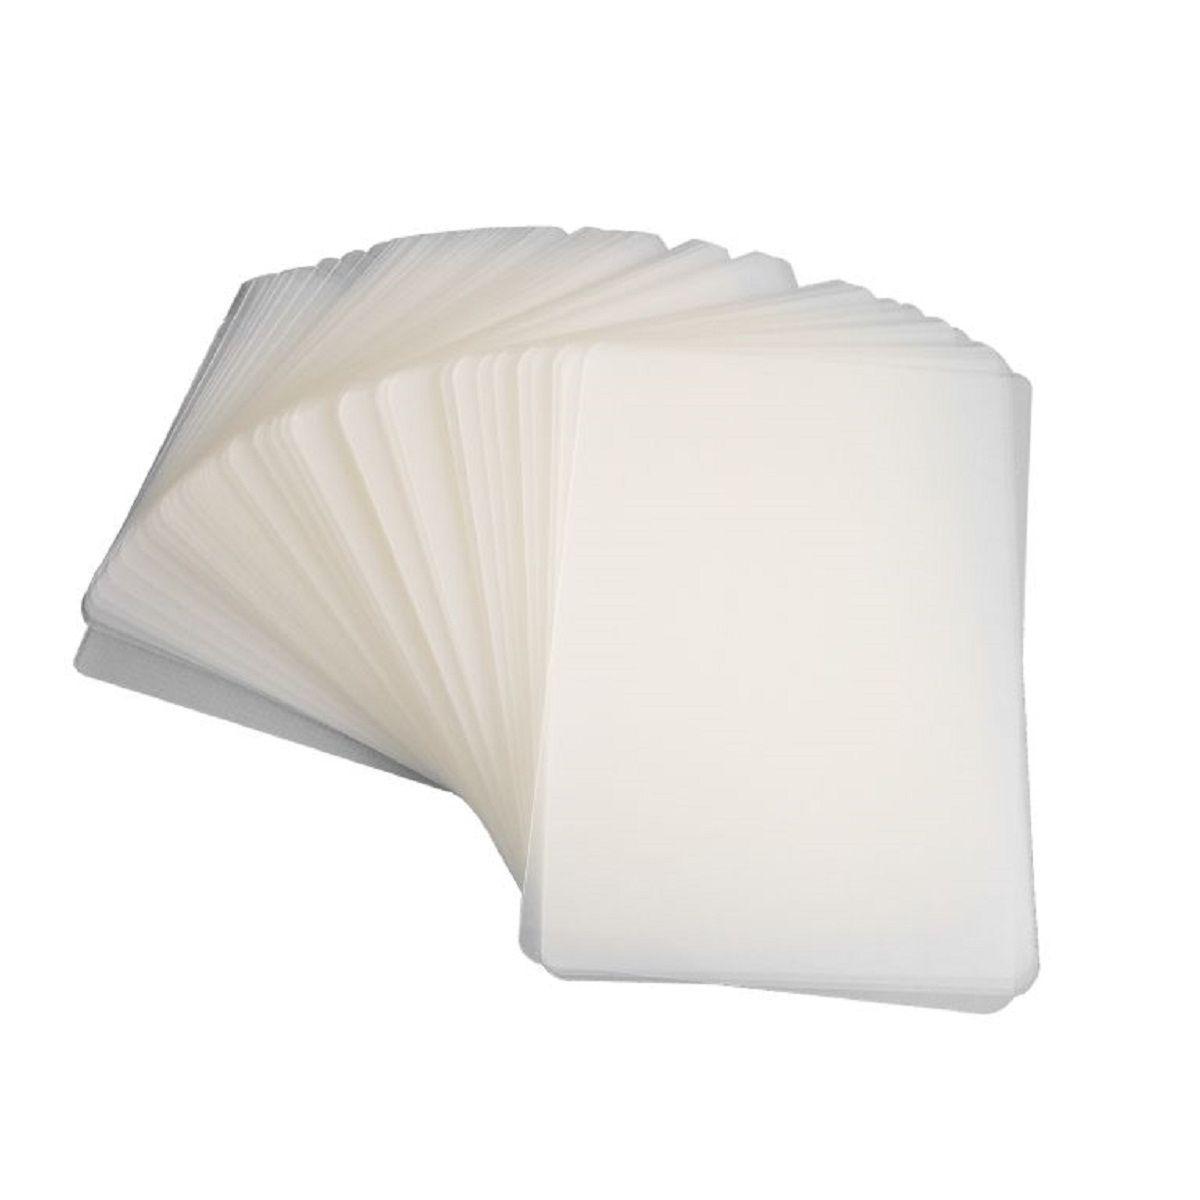 Polaseal para Plastificação CGC 110x170x0,10mm (250 micras) - Pacote com 20 Plásticos  - Click Suprimentos